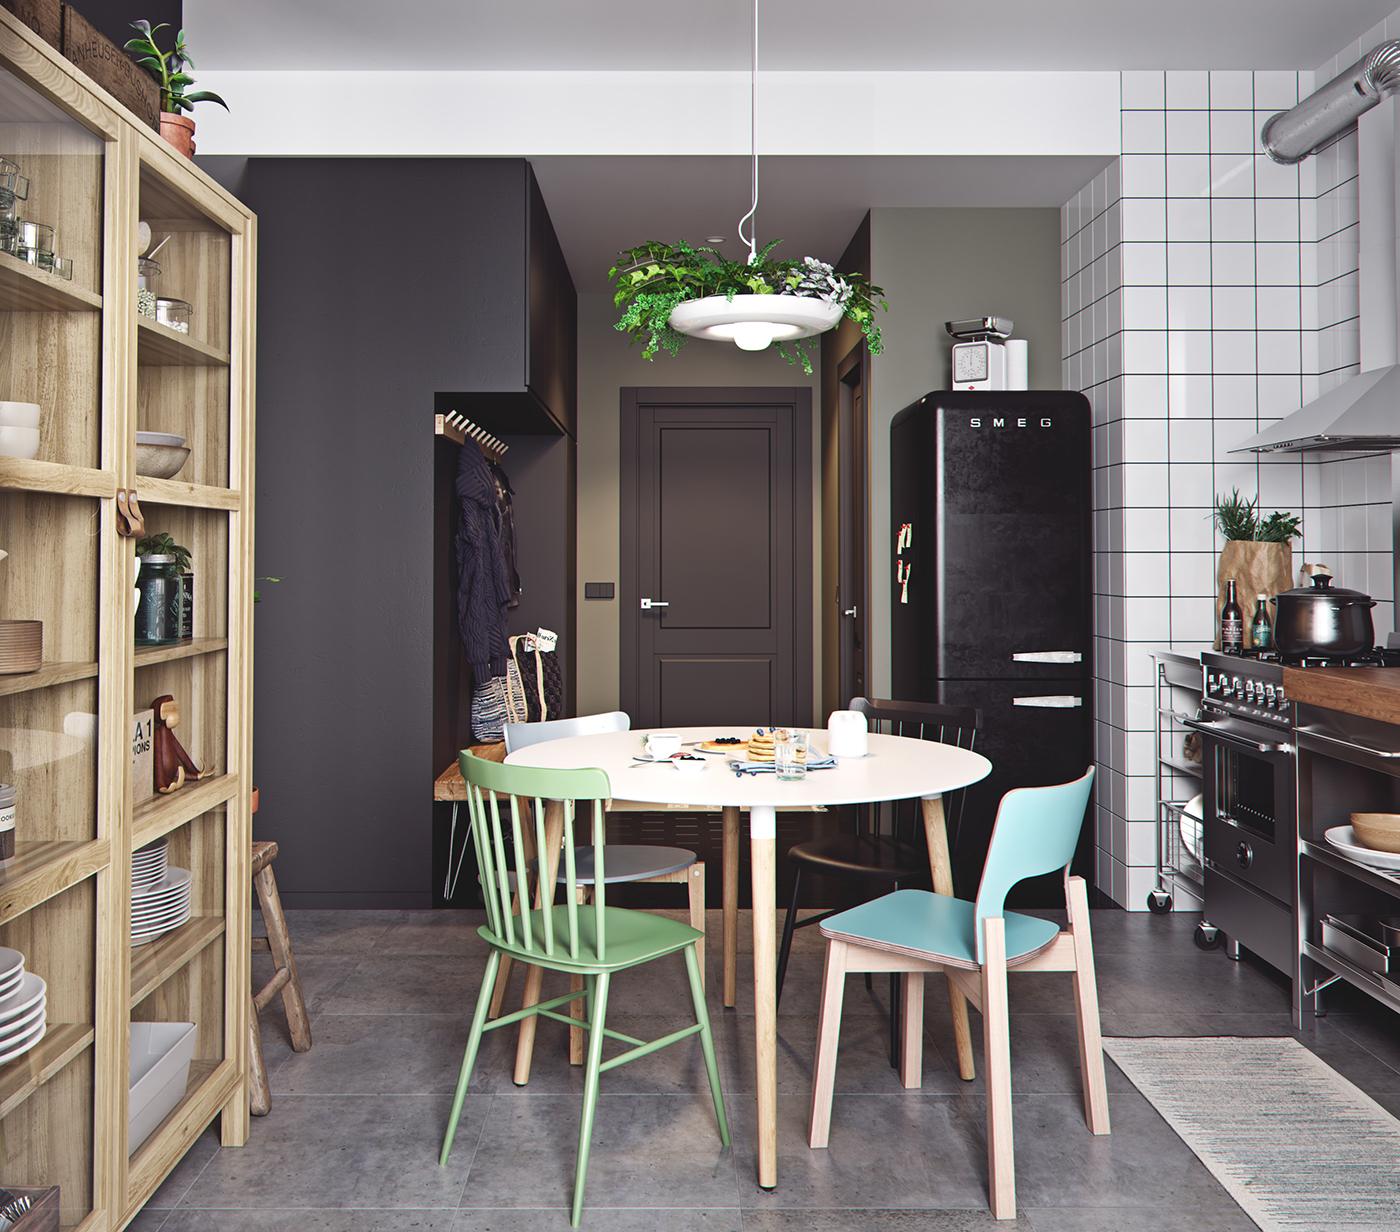 klein-appartement-uit-china-ingericht-met-een-stoere-scandinavische-interieurstijl-2